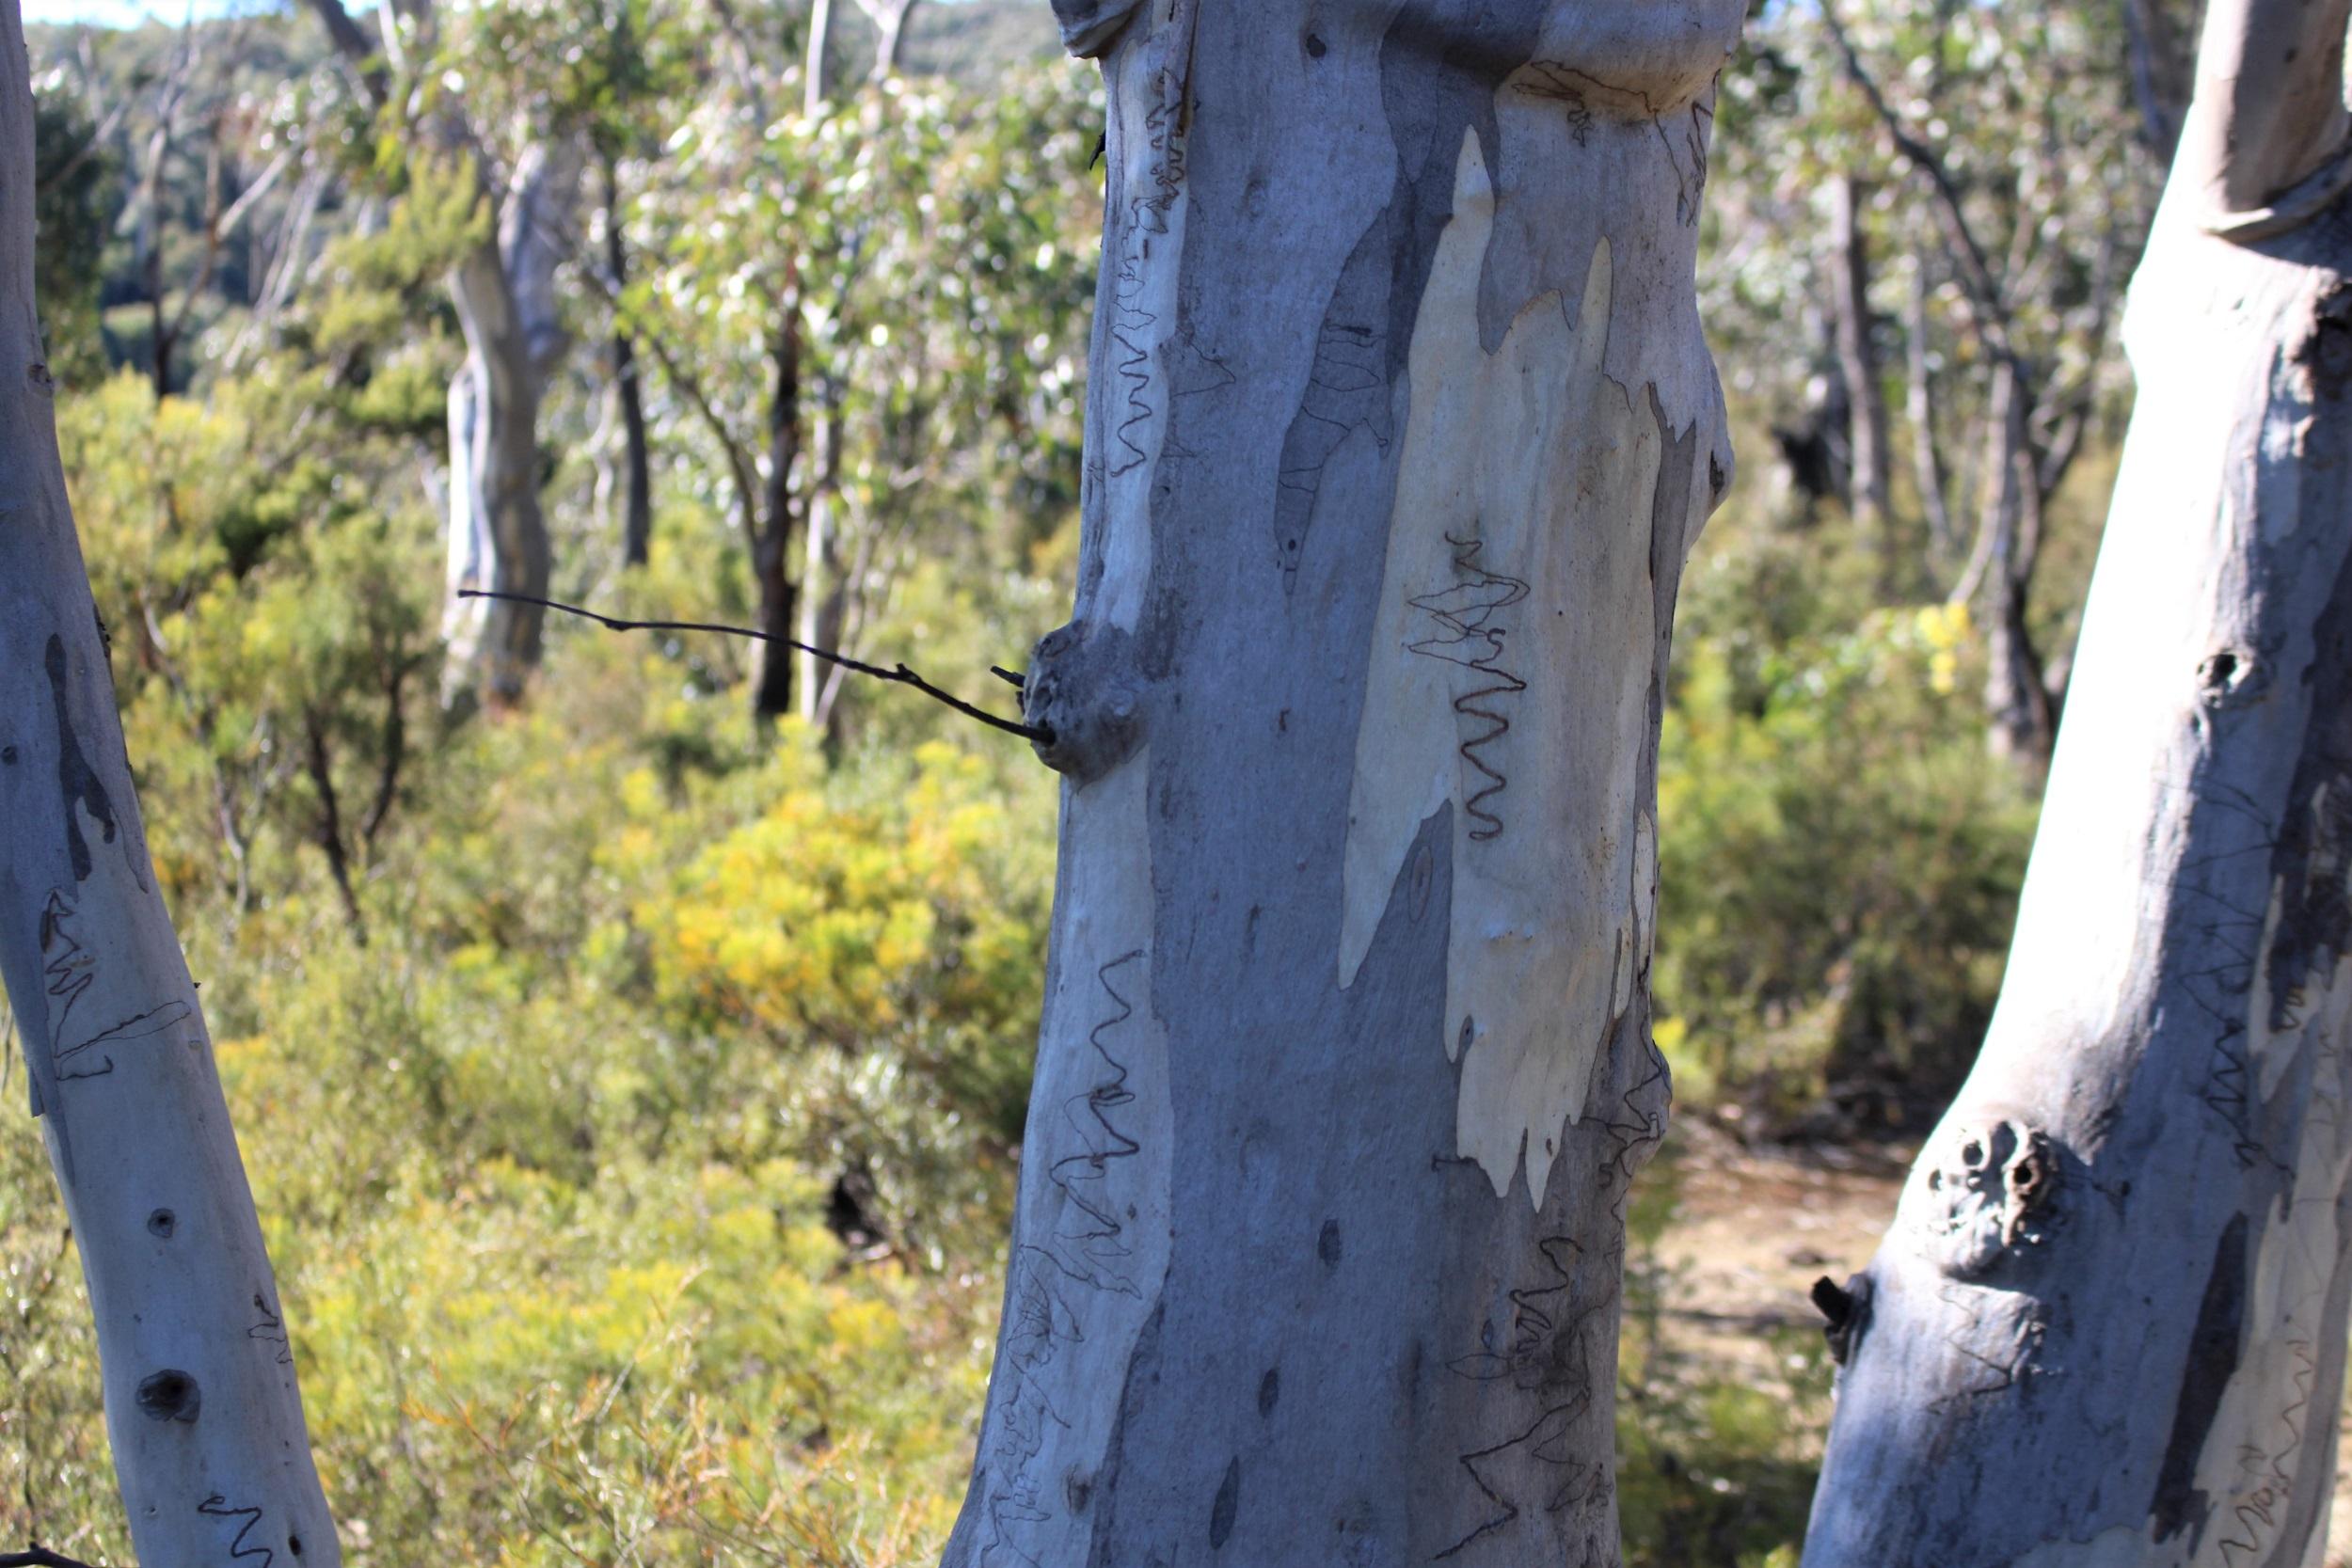 primary school vandals?